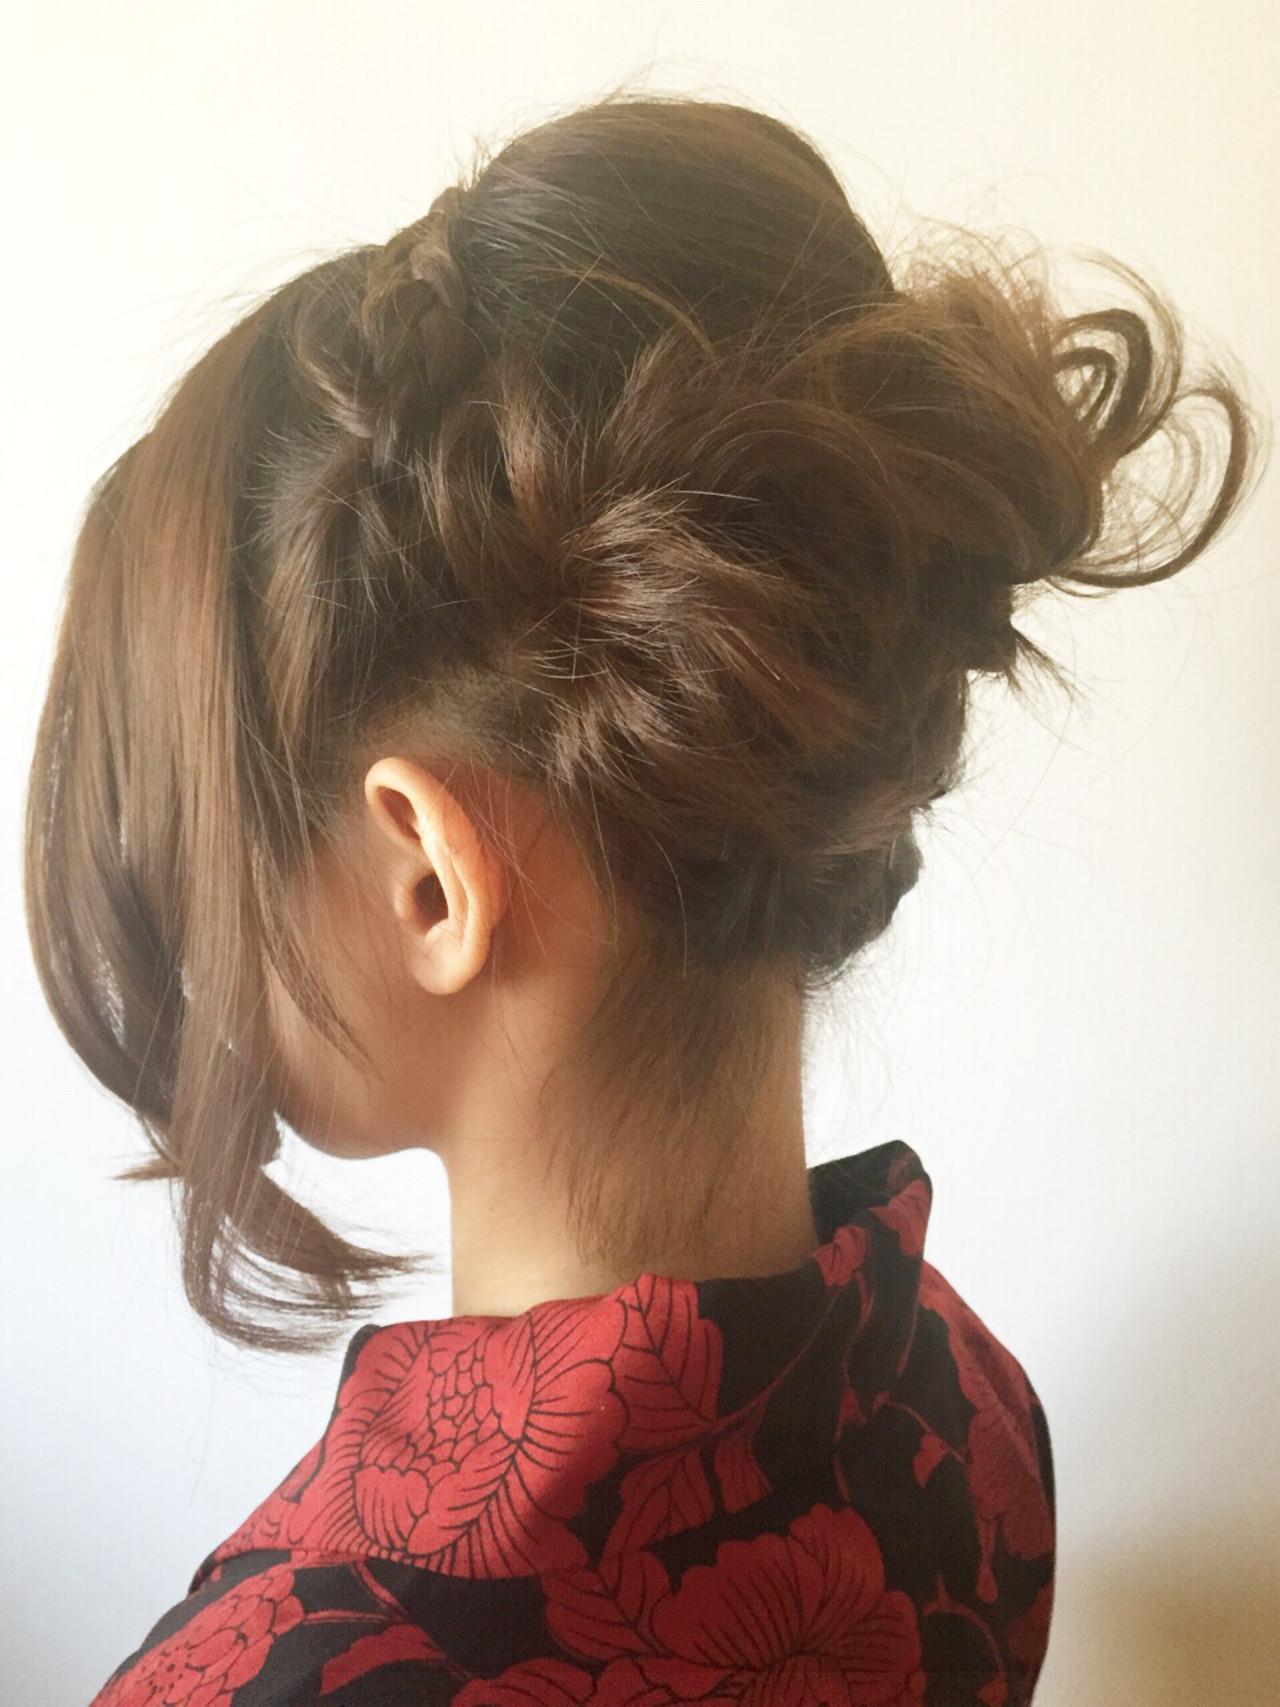 ヘアアレンジ 和装 ボブ 夏 ヘアスタイルや髪型の写真・画像